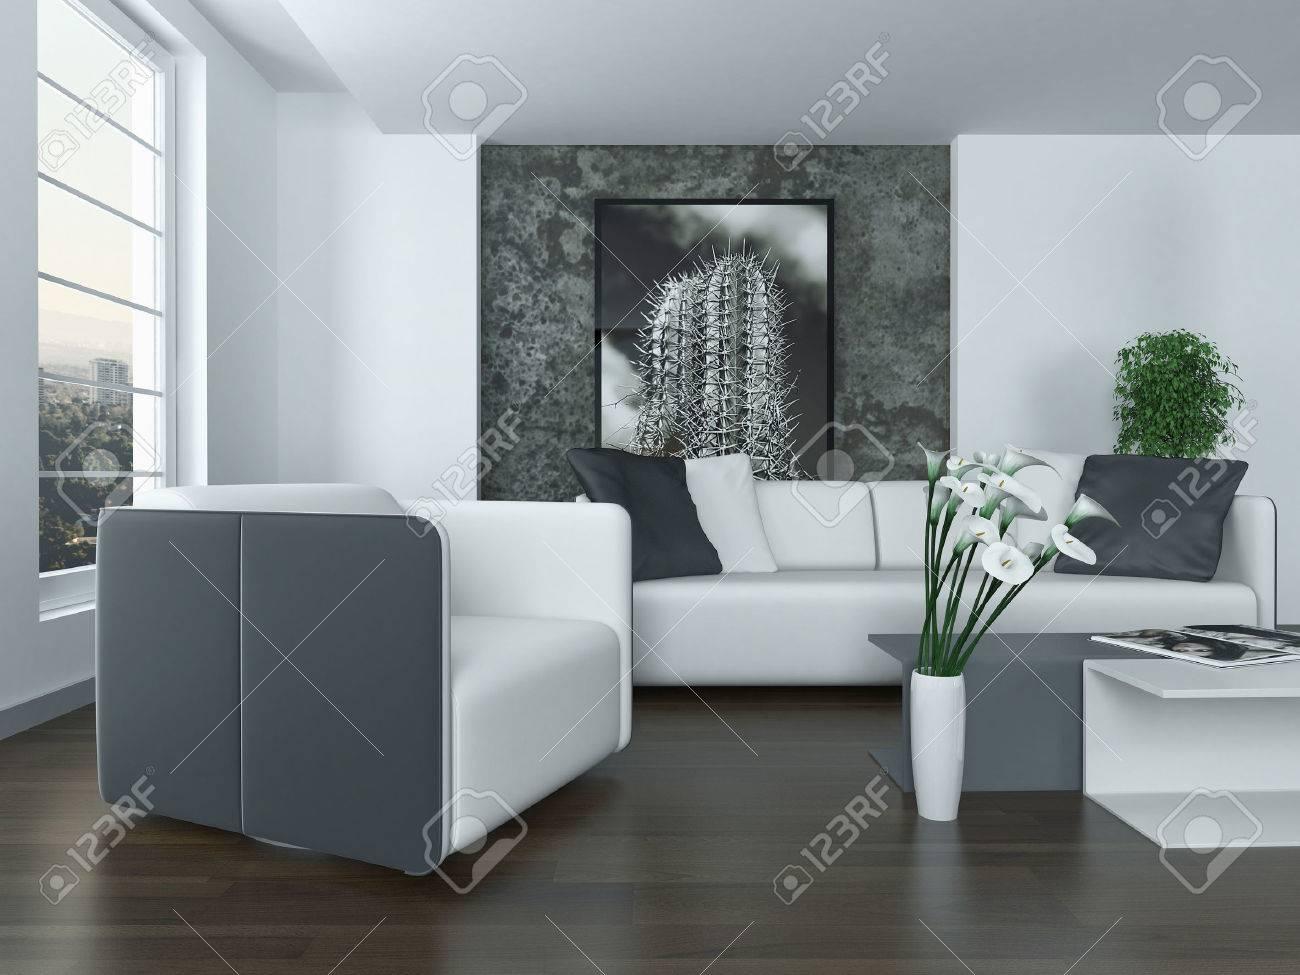 Moderne Grau Und Weiß Wohnzimmer Innenraum Mit Einem Bequemen ...